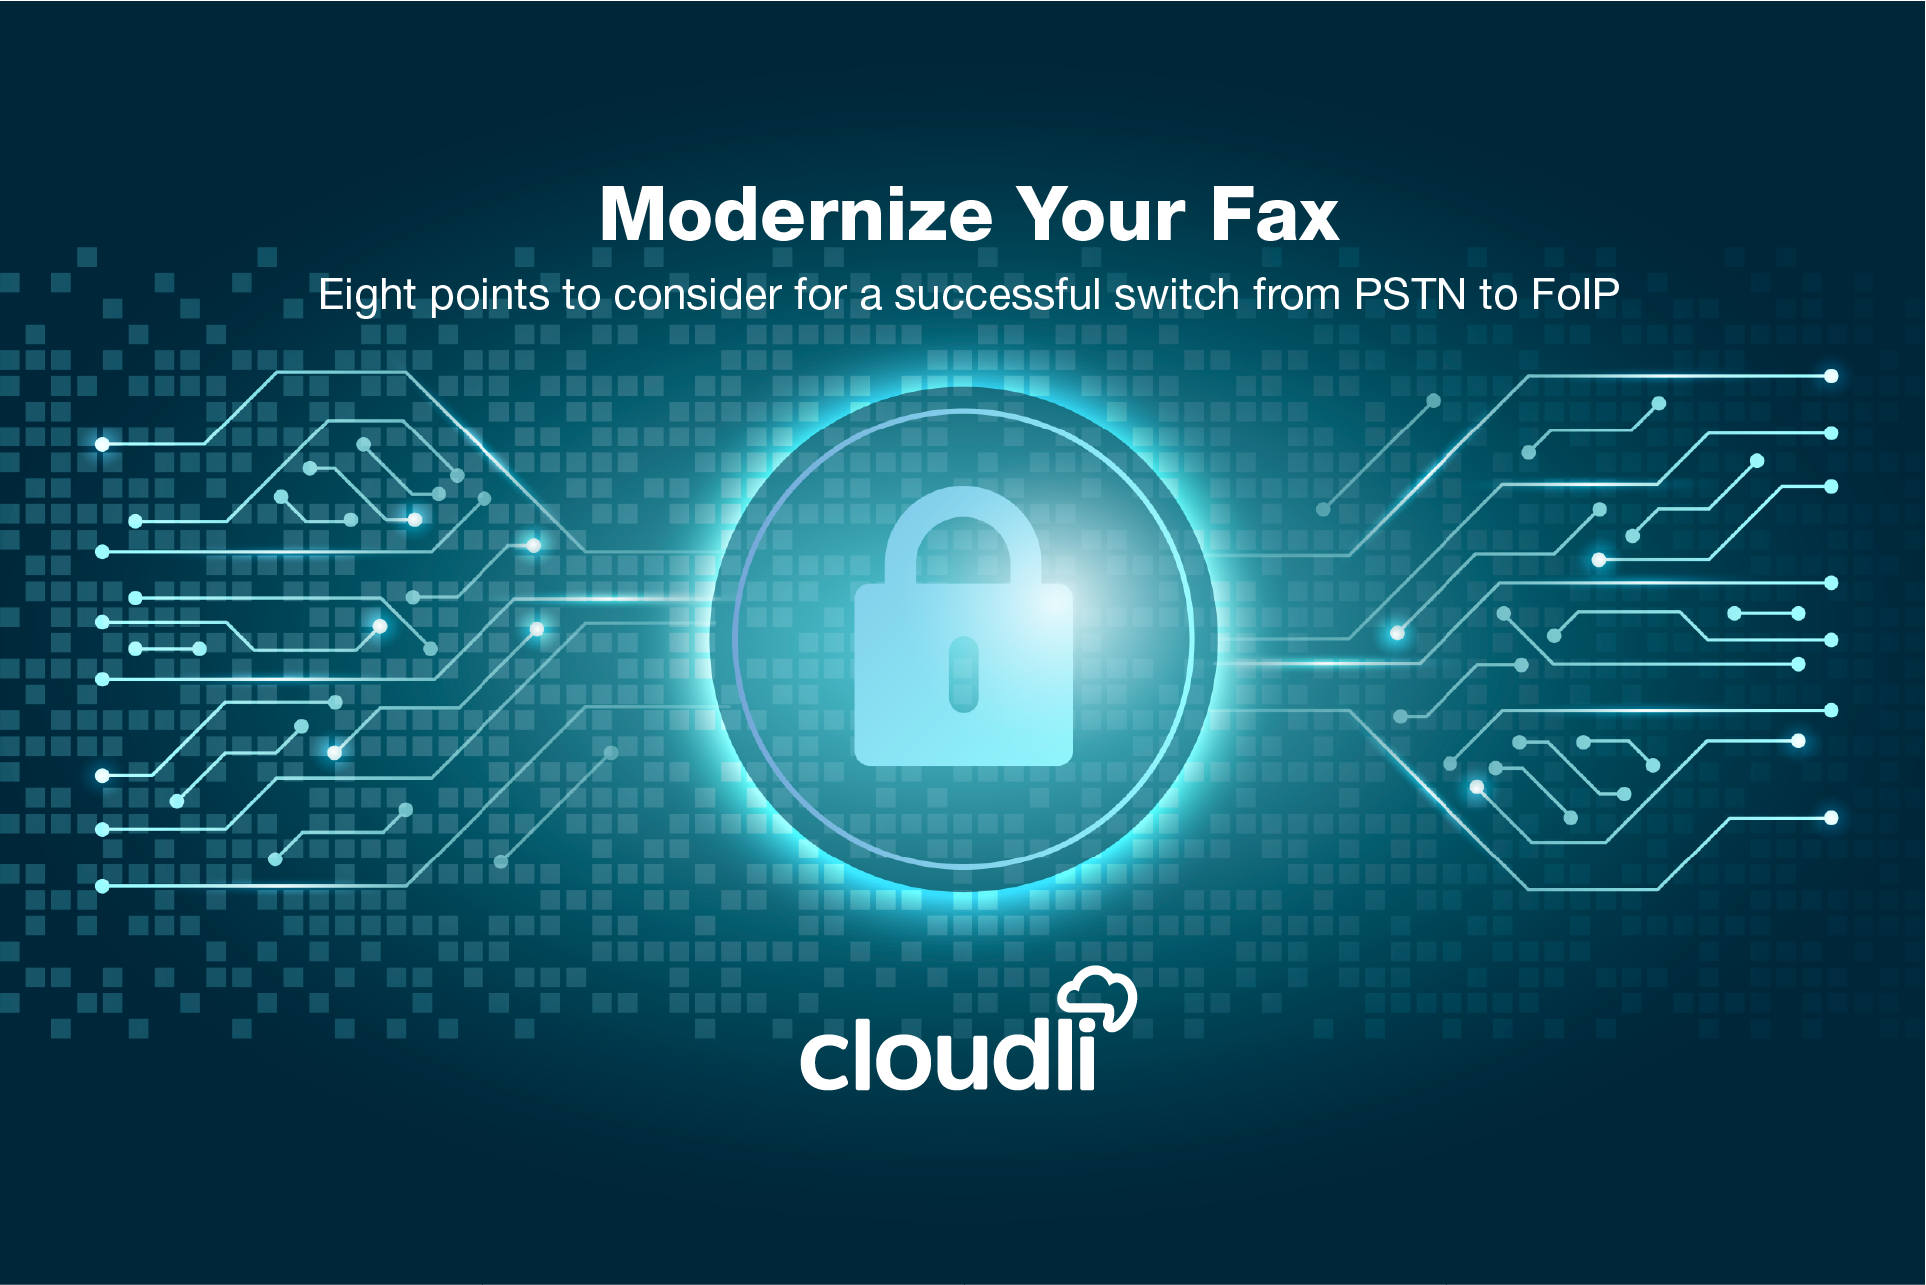 Modernize-Your-Fax_EN_2